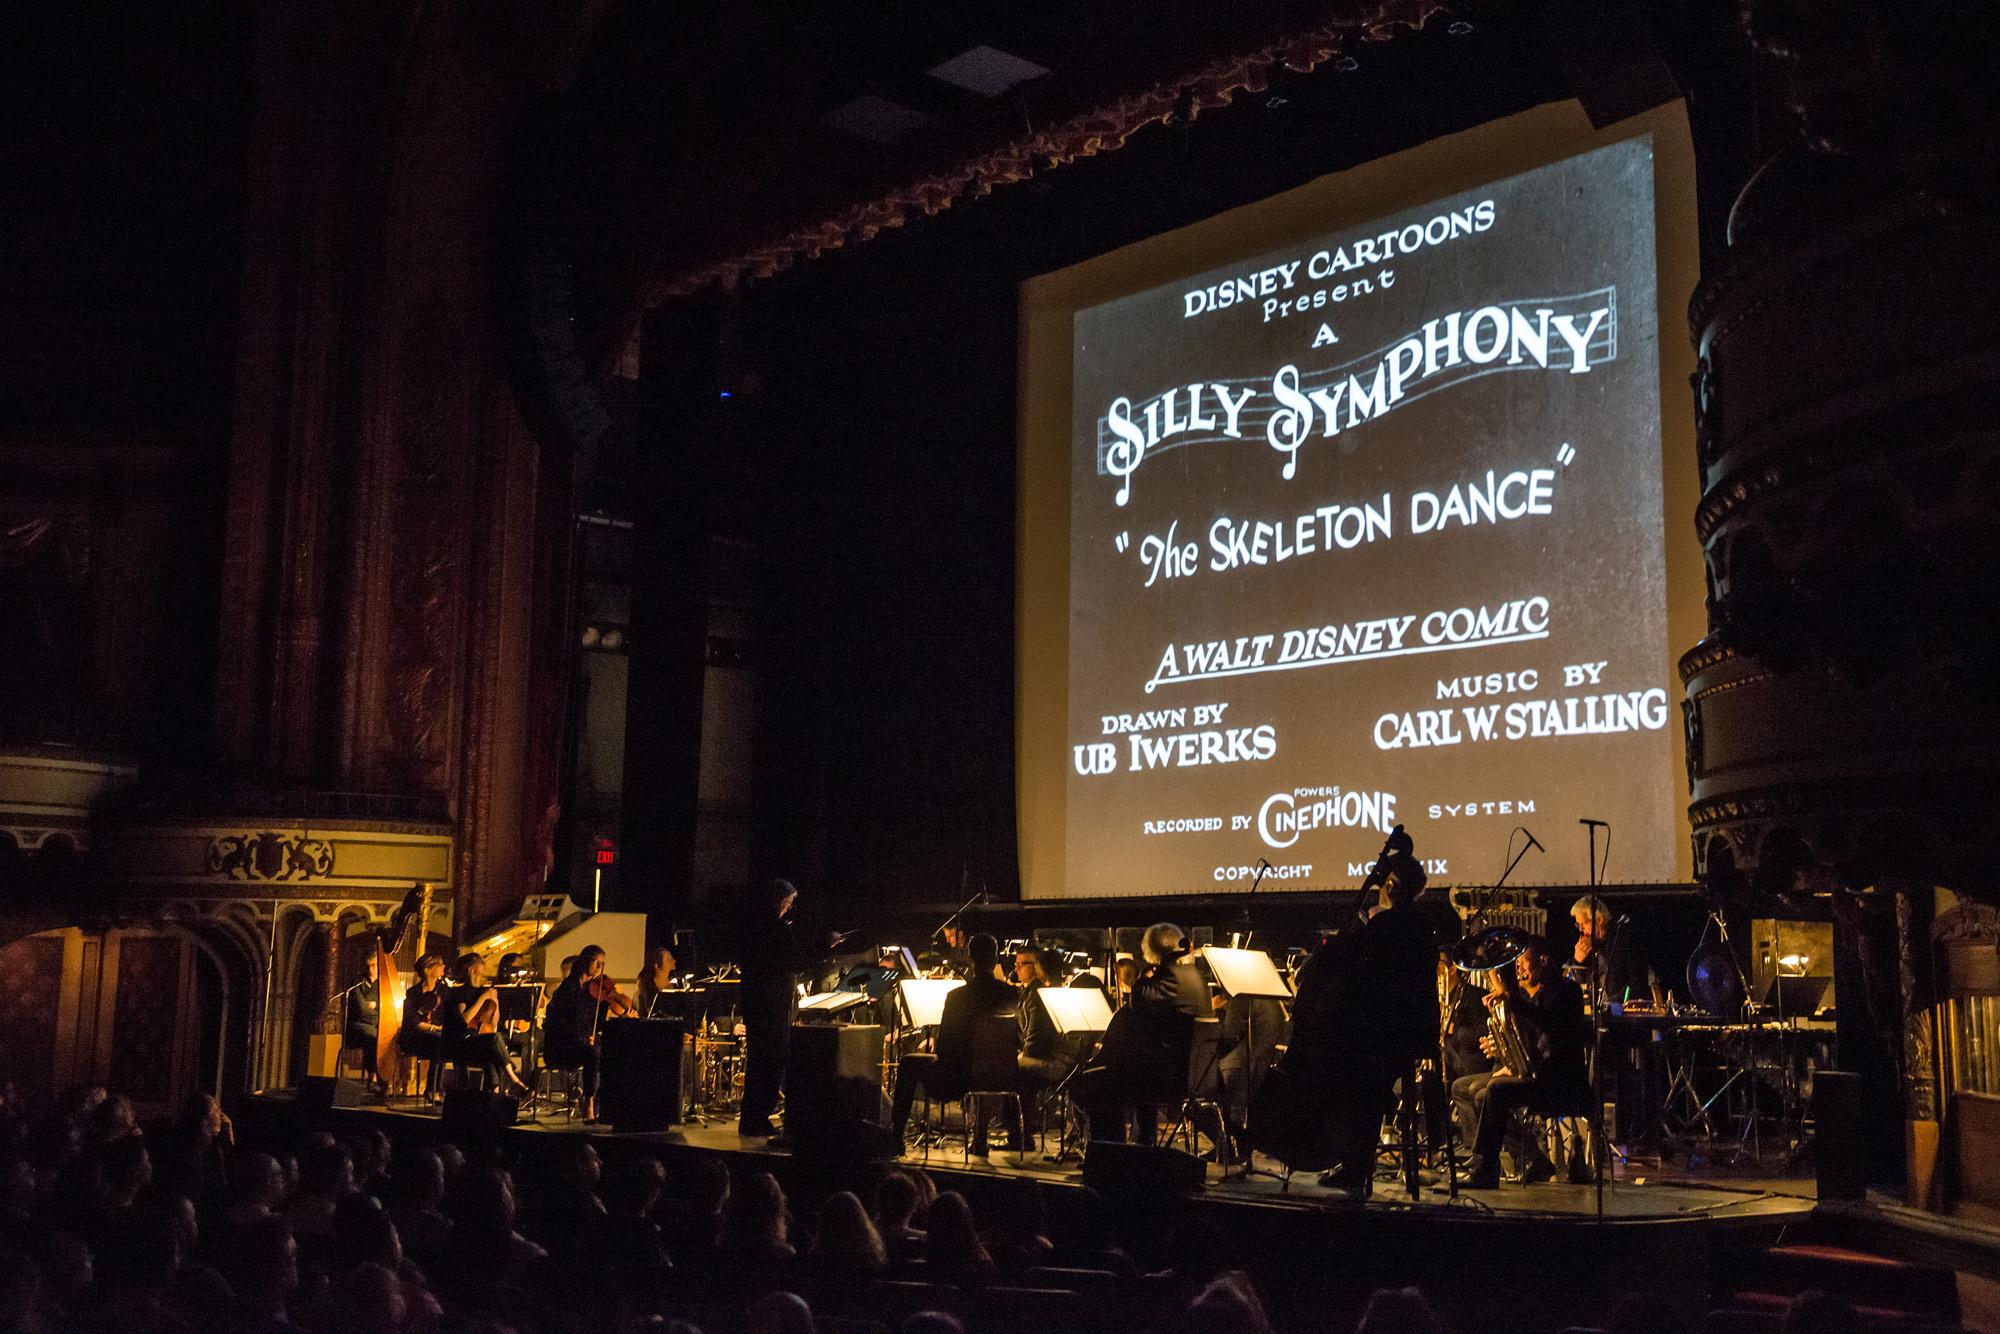 Silly Symphony Celebration